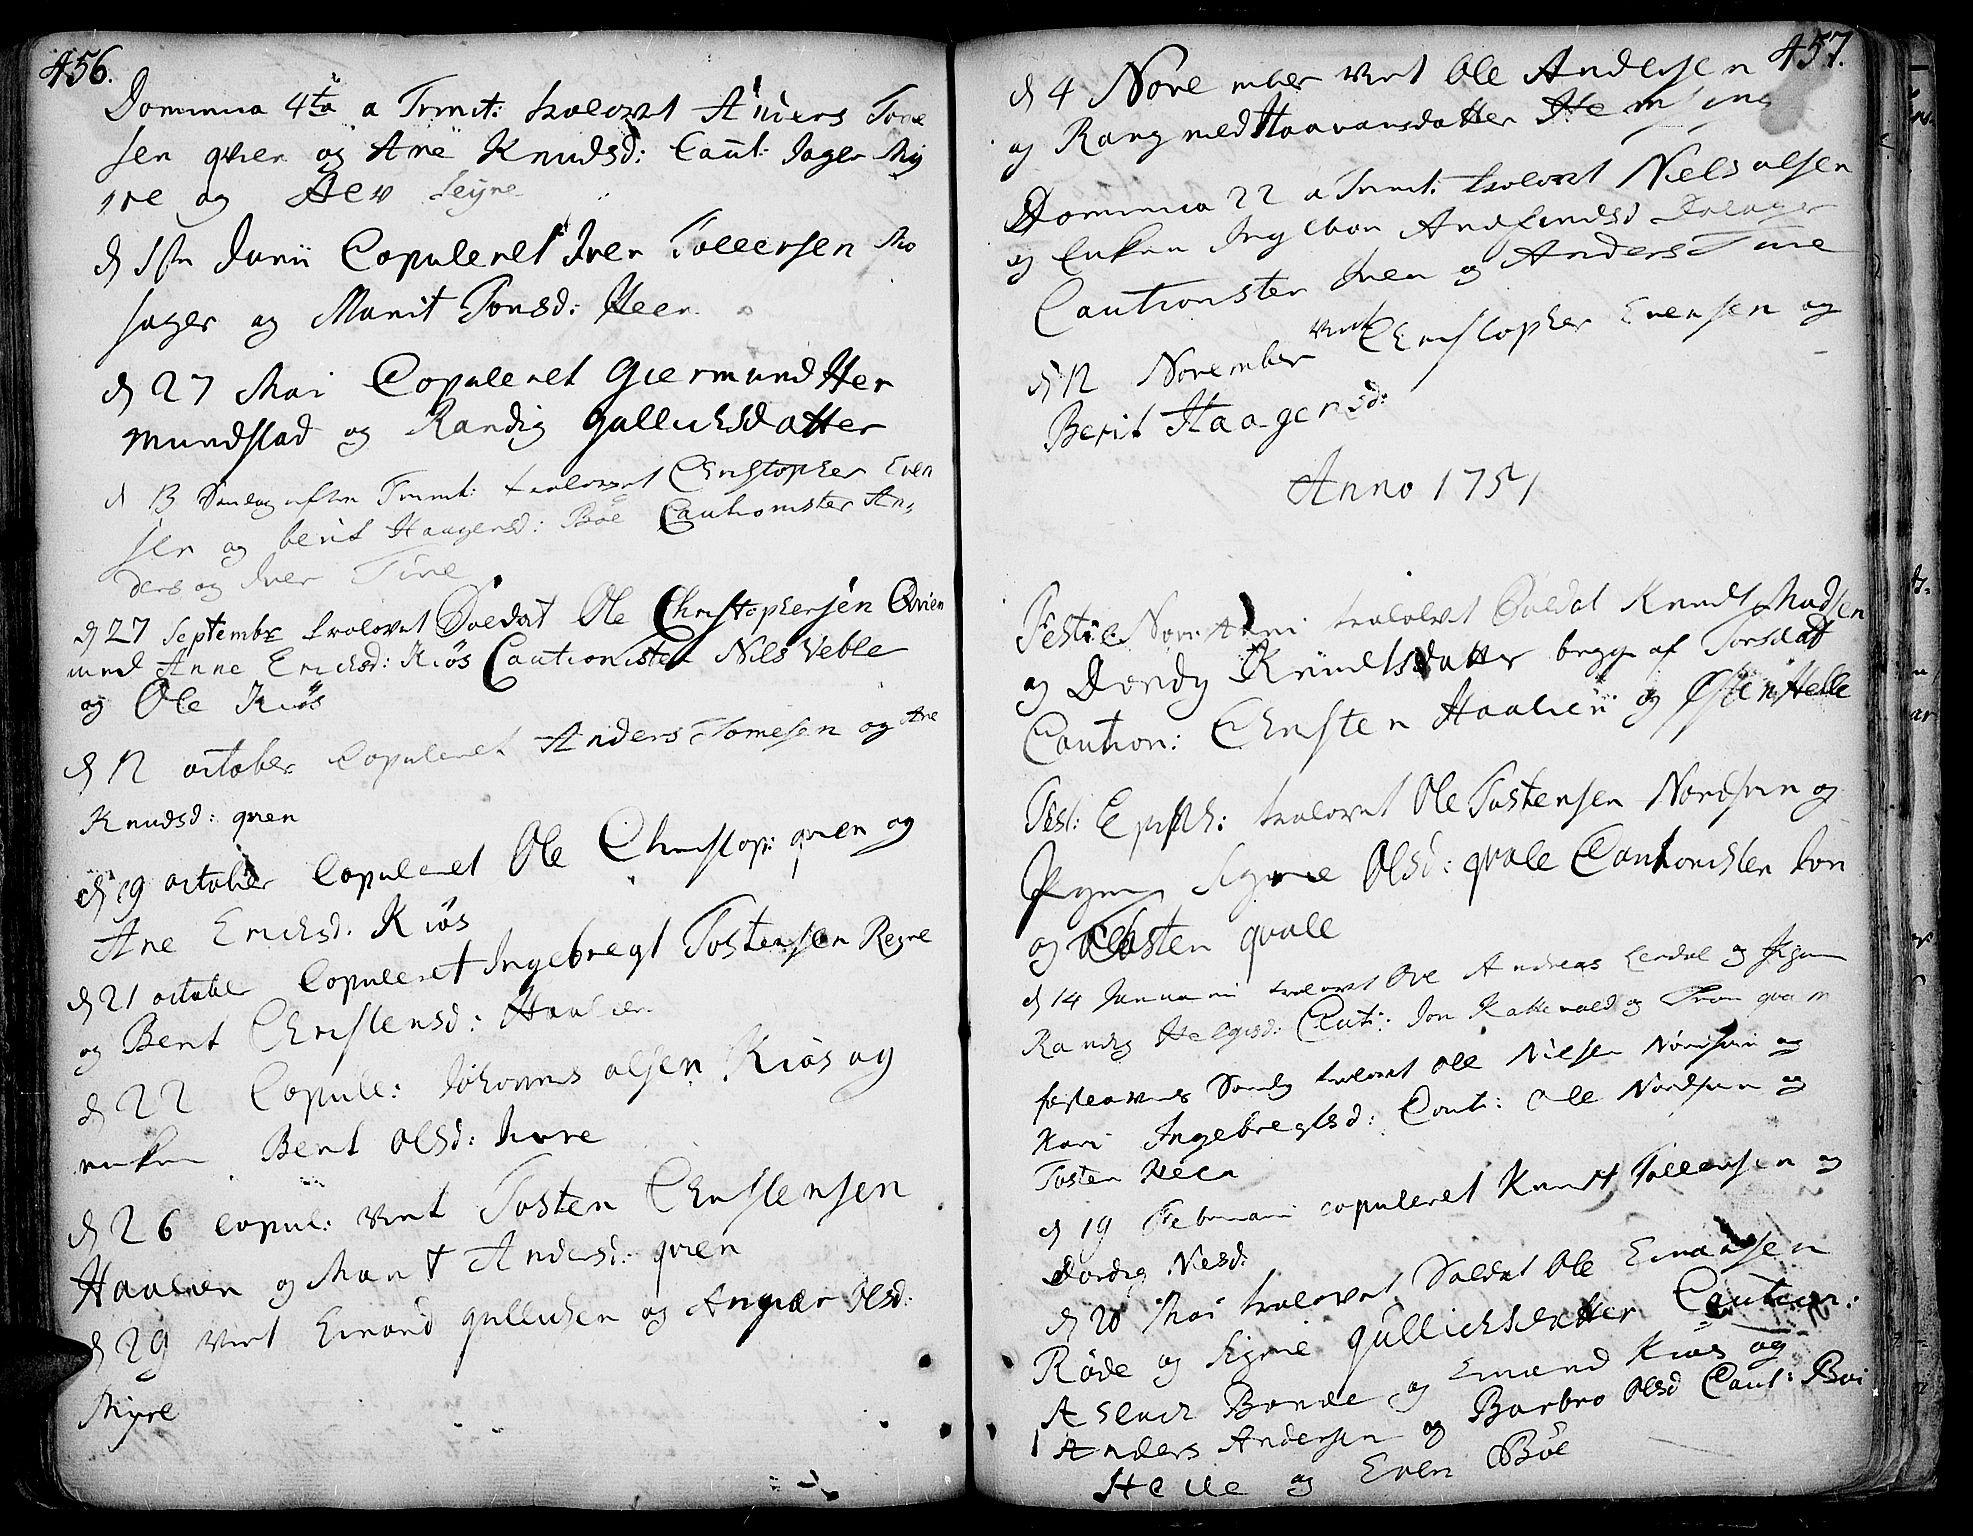 SAH, Vang prestekontor, Valdres, Ministerialbok nr. 1, 1730-1796, s. 456-457